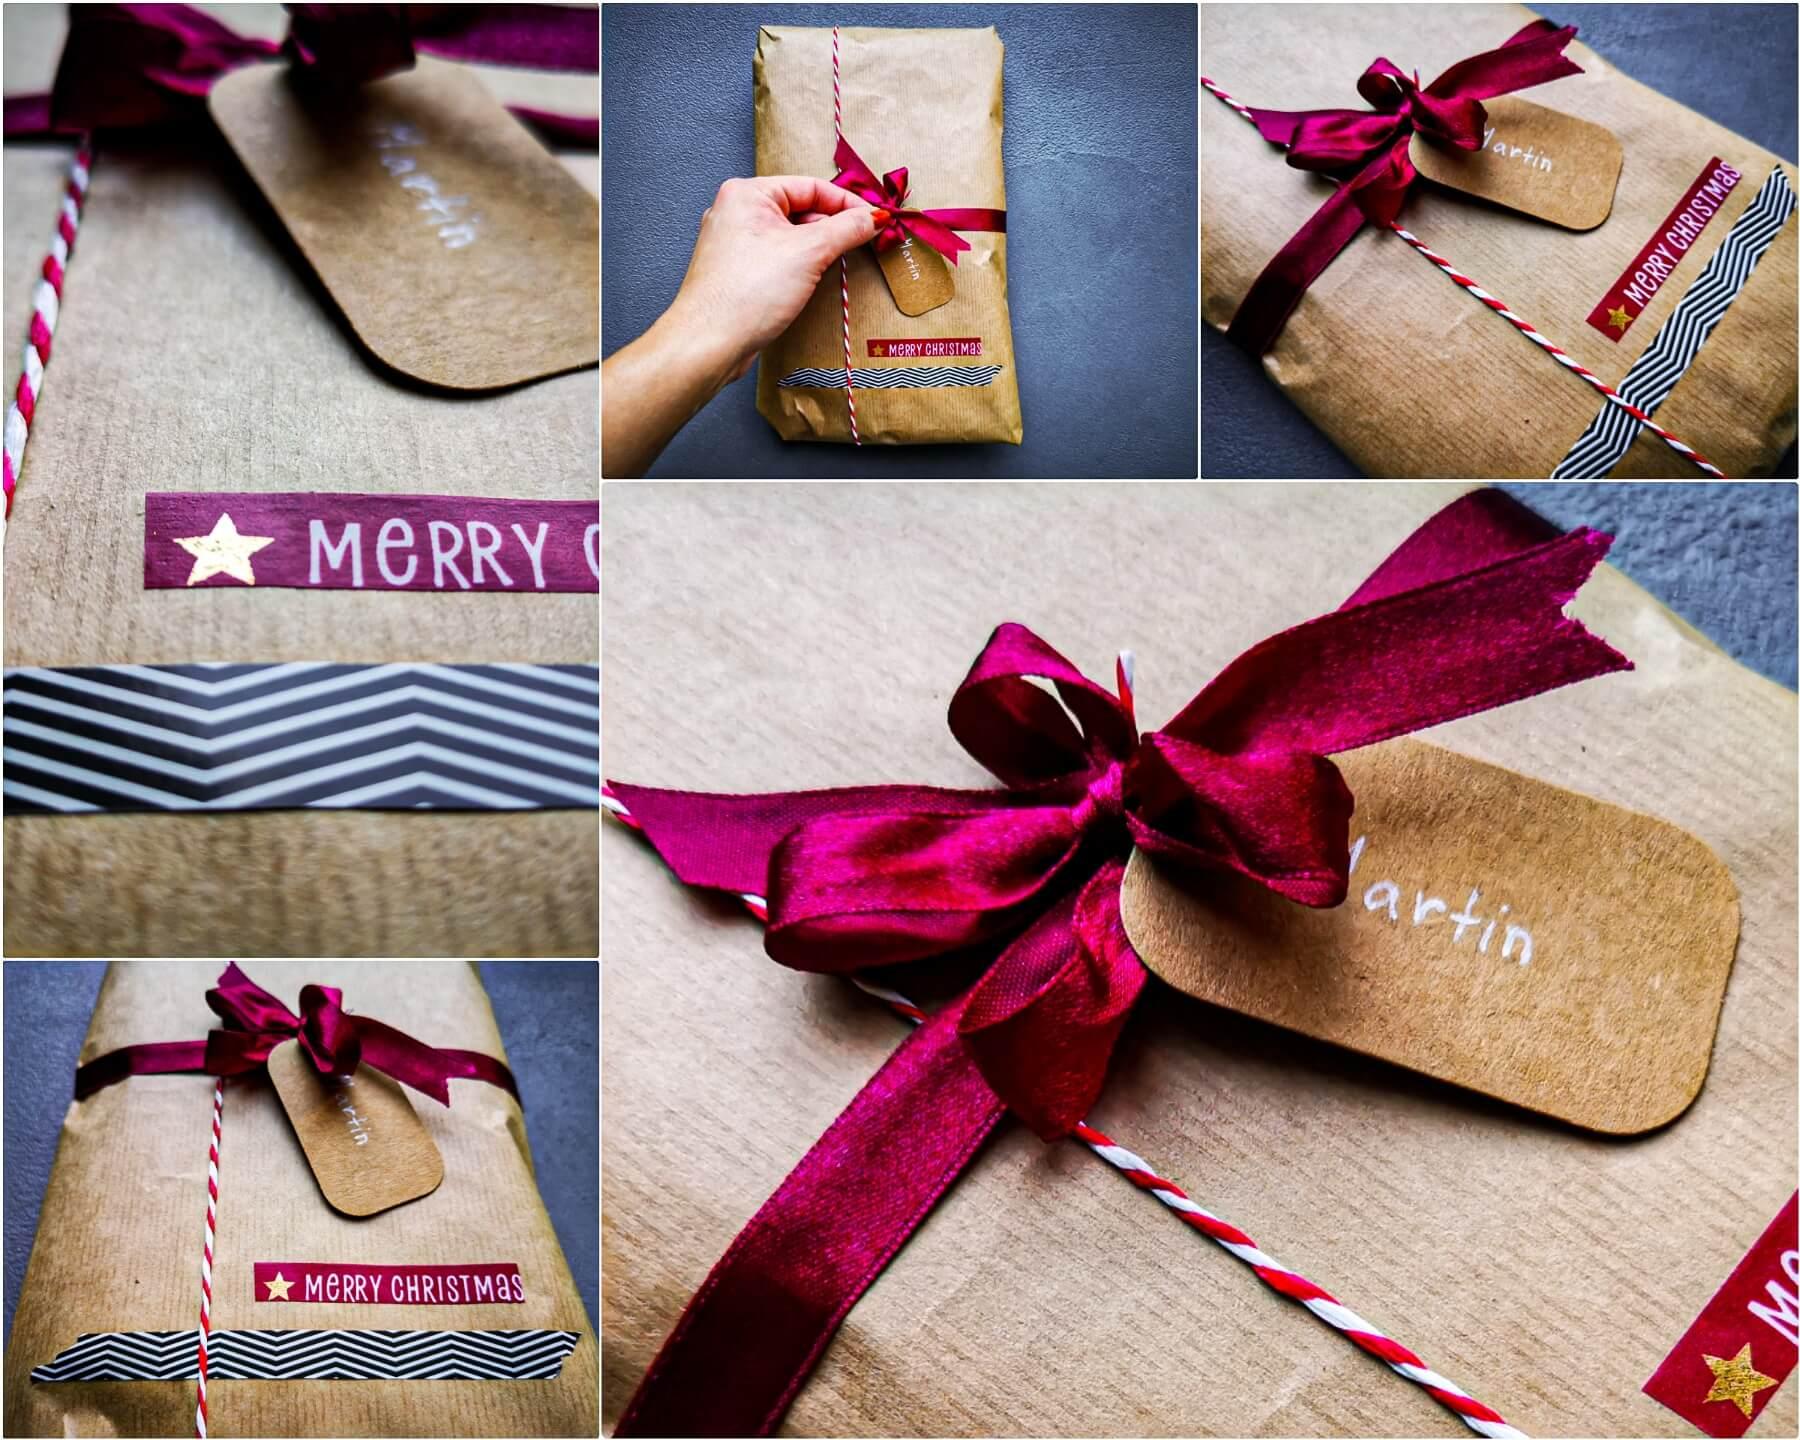 inCollage 20191209 203406465 1 resized 20191215 064633301 - Geschenke verpacken: 11 kreative Tipps zum Selbermachen